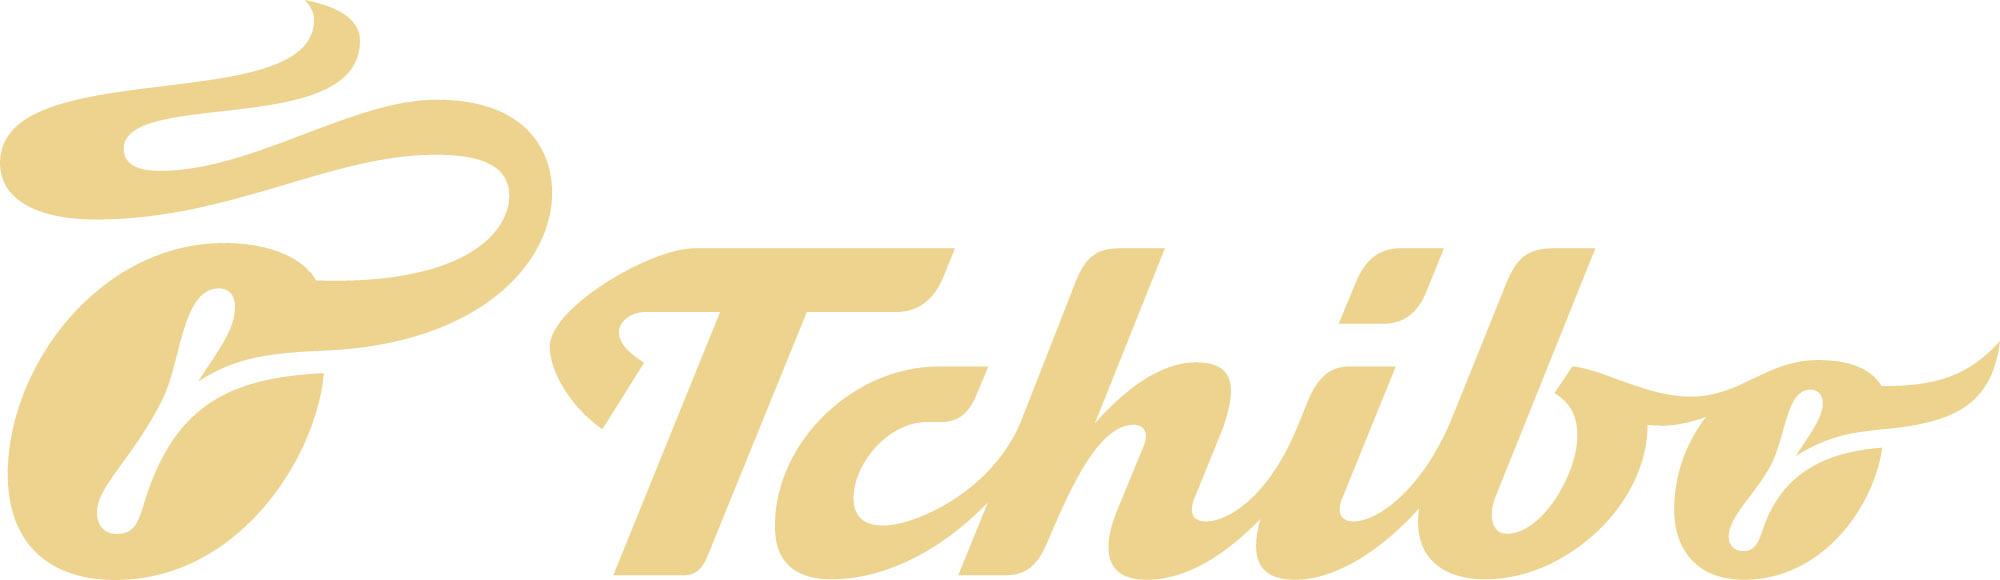 Bei Tchibo finden Sie alles für eine entspannte Zeit auf Balkonien - Sponsor logo